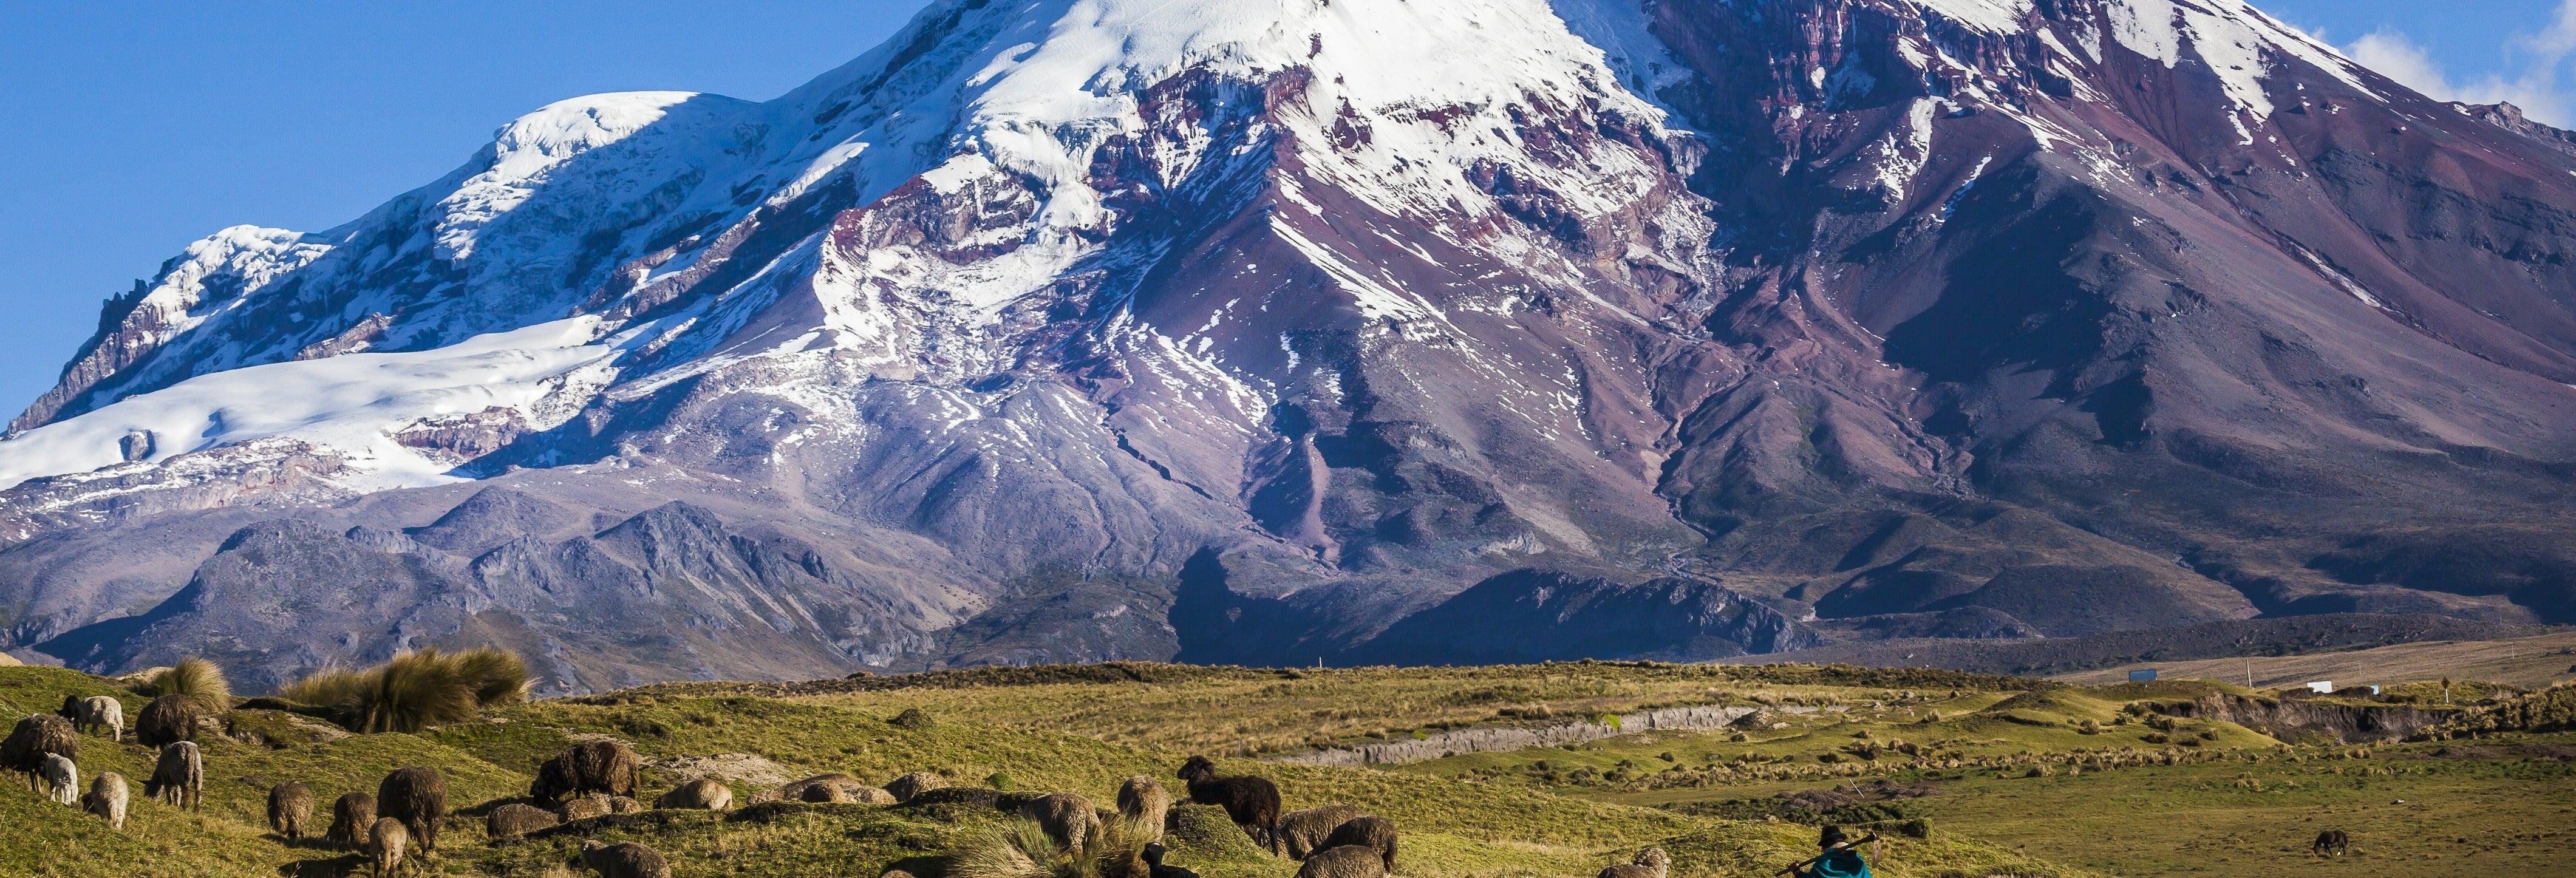 Excursão ao Vulcão Chimborazo